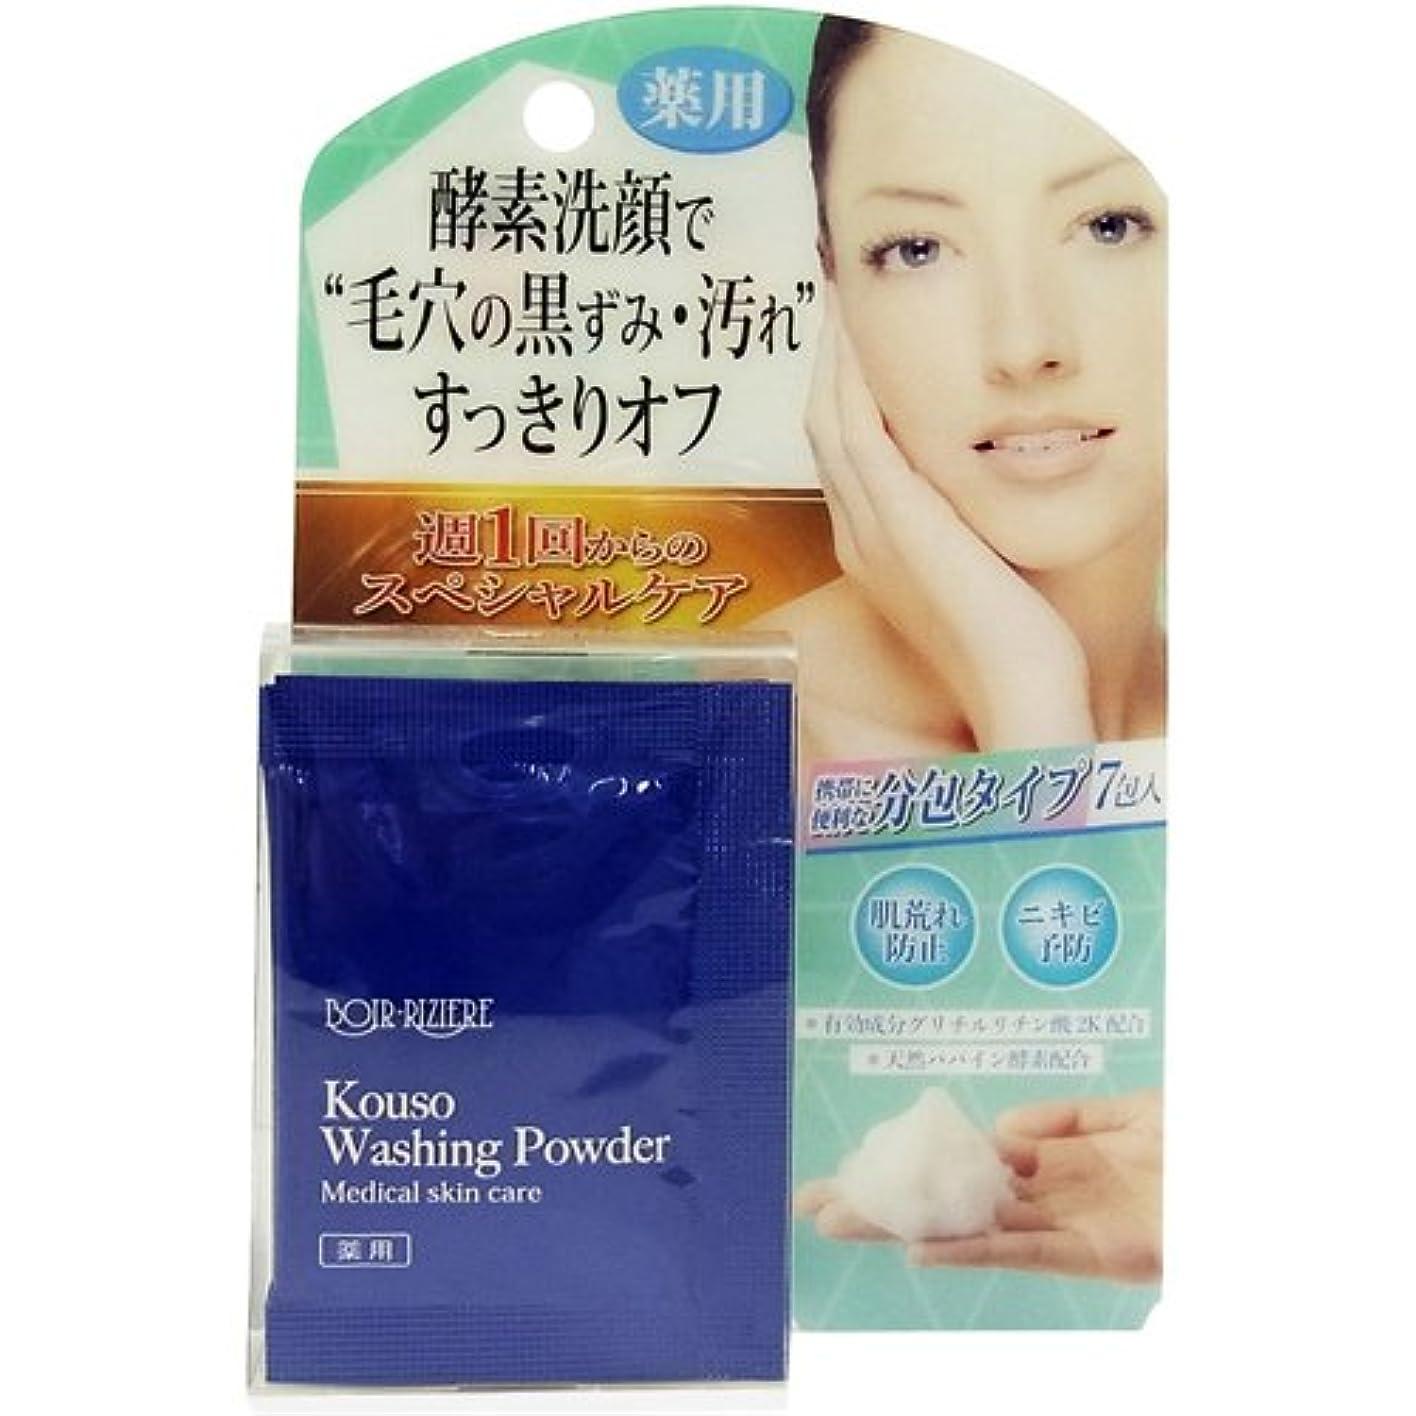 同行する豊かにするコウモリボア?リジェール 薬用酵素洗顔パウダー (1.5g×7包)